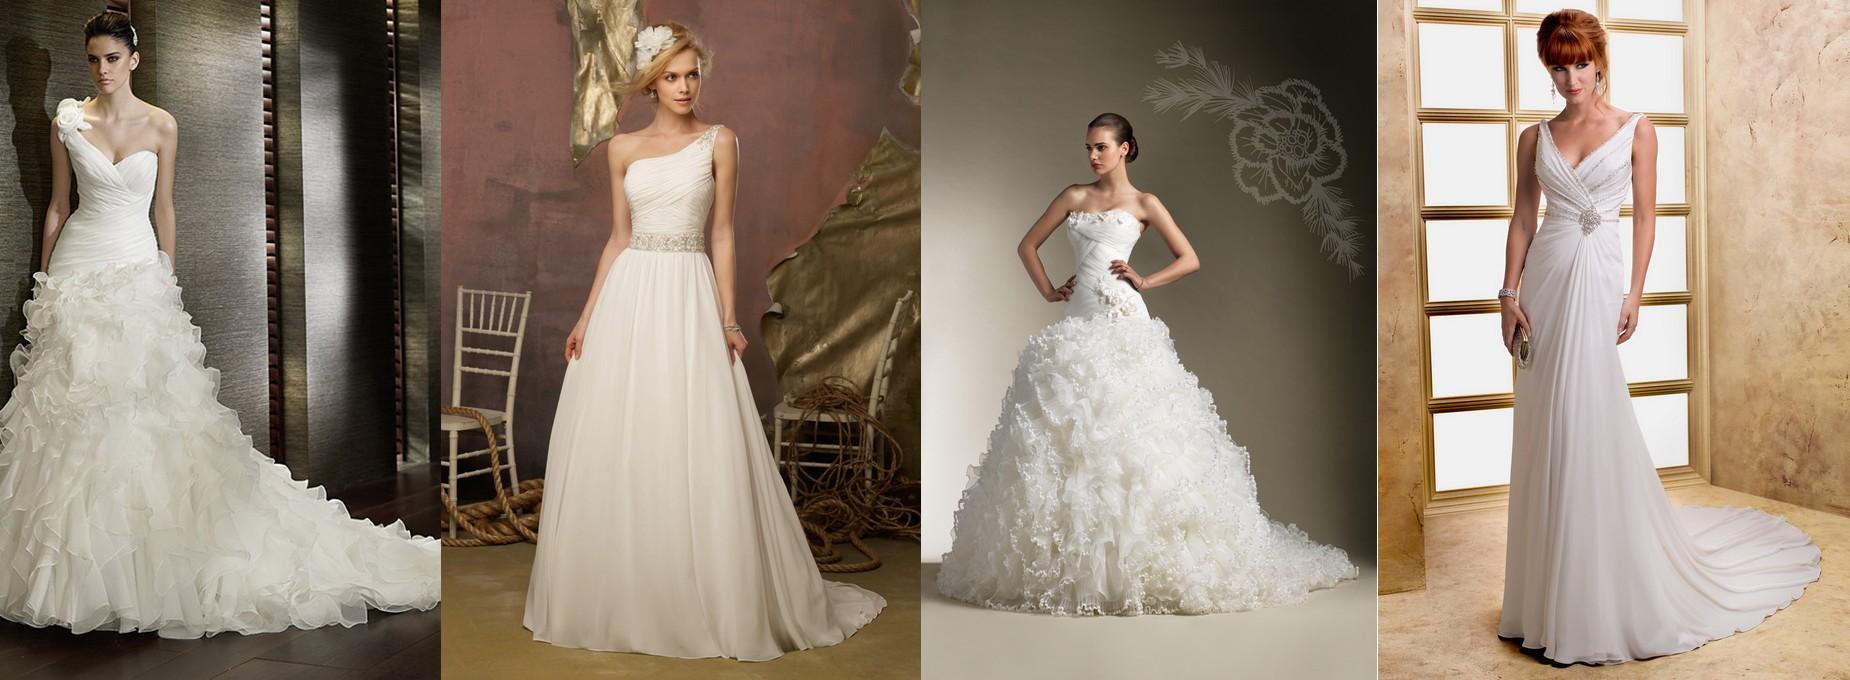 Cette année, quelle robe de mariée est la plus populaire? Que préfèrent les filles le plus? Ici, dans Boutique 1robe en ligne, nous vous révélons tous ces secrets. Vous trouverez les robes les plus belles.